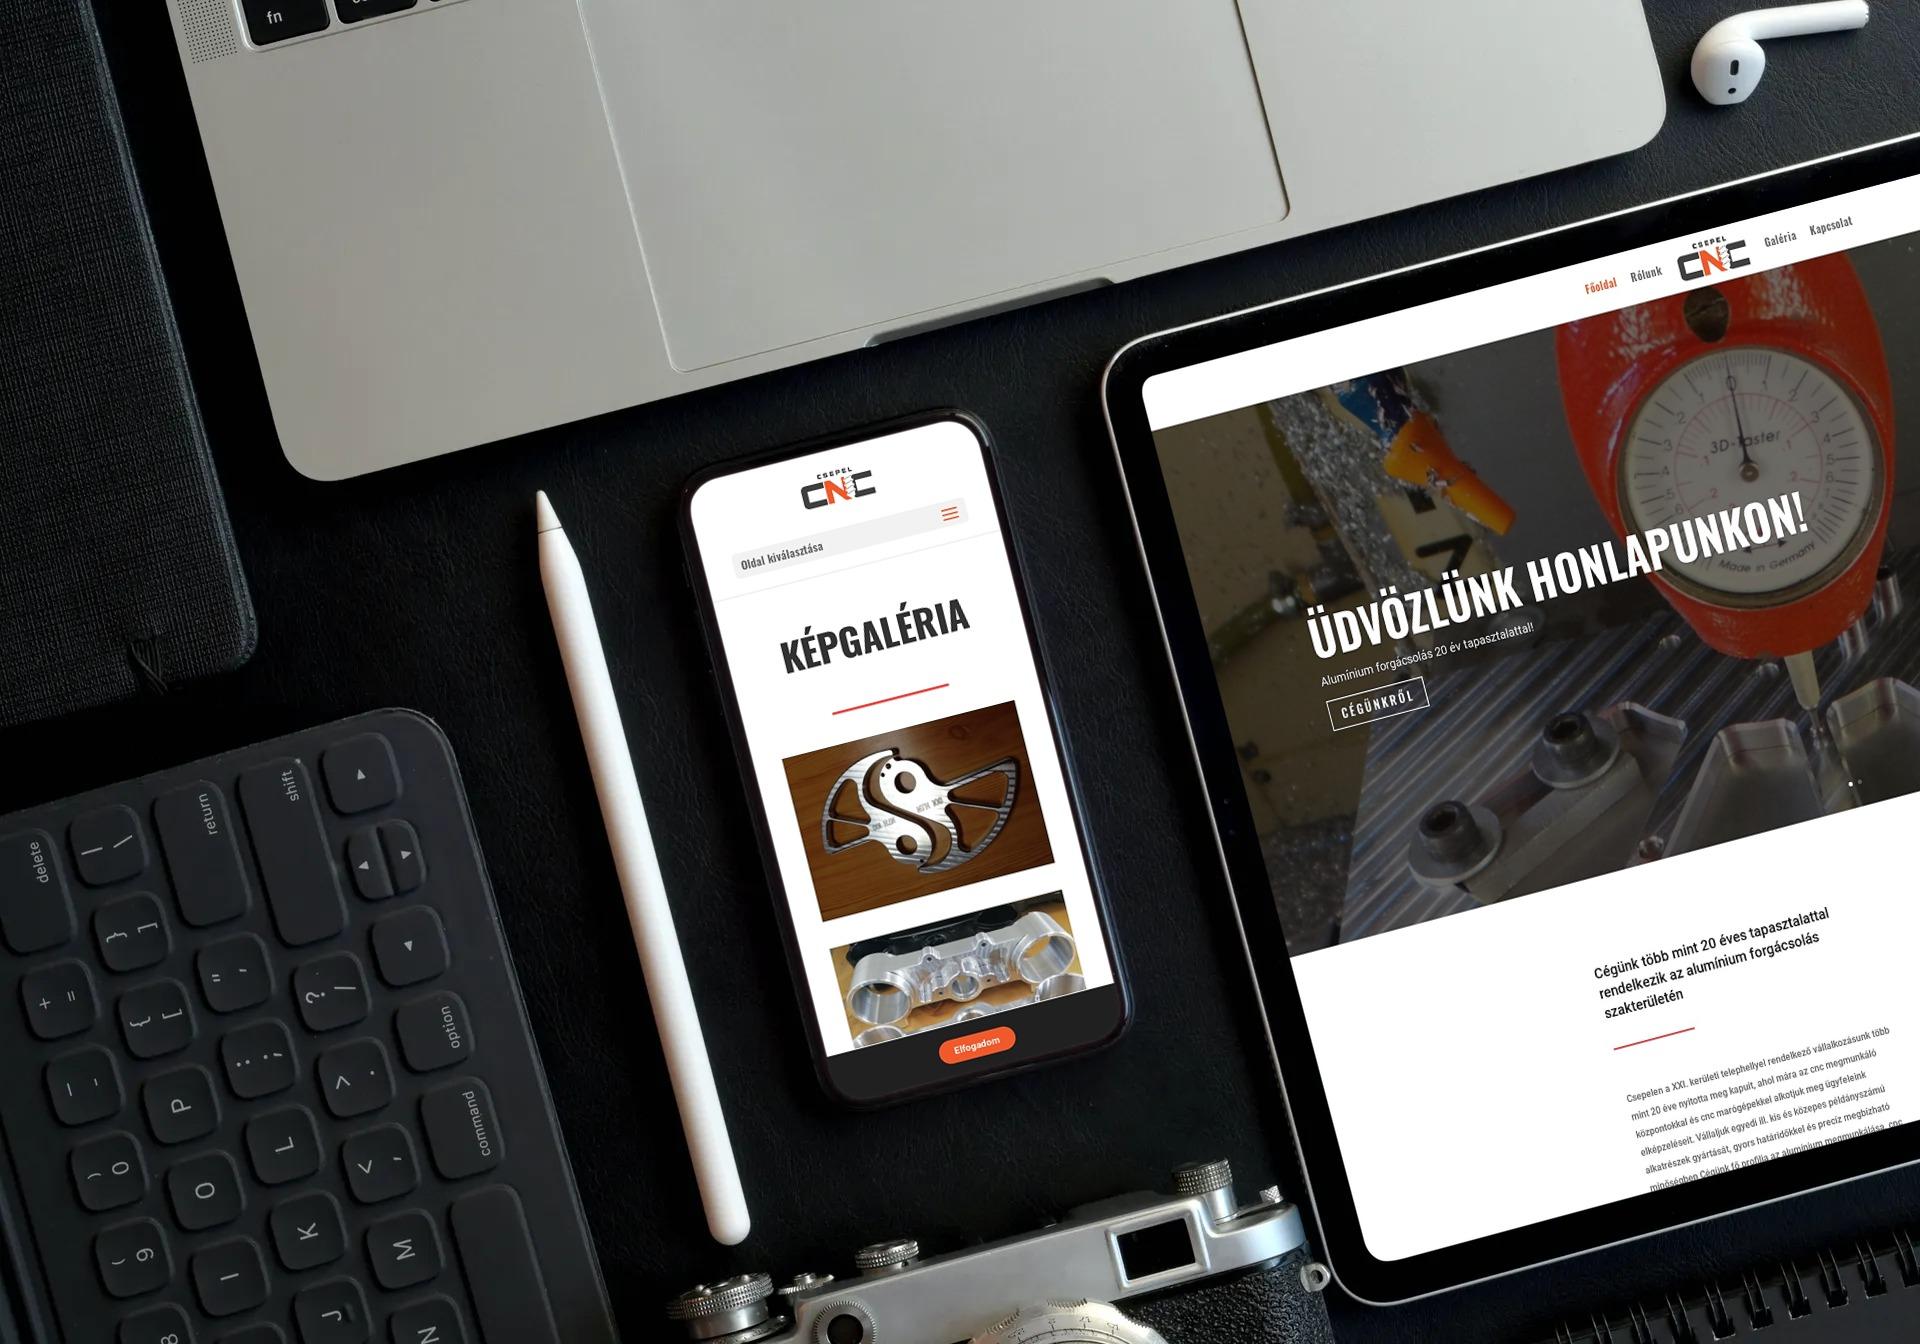 csepelcnc.hu weboldal reszponzív megjelenése iPaden és iPhone-on